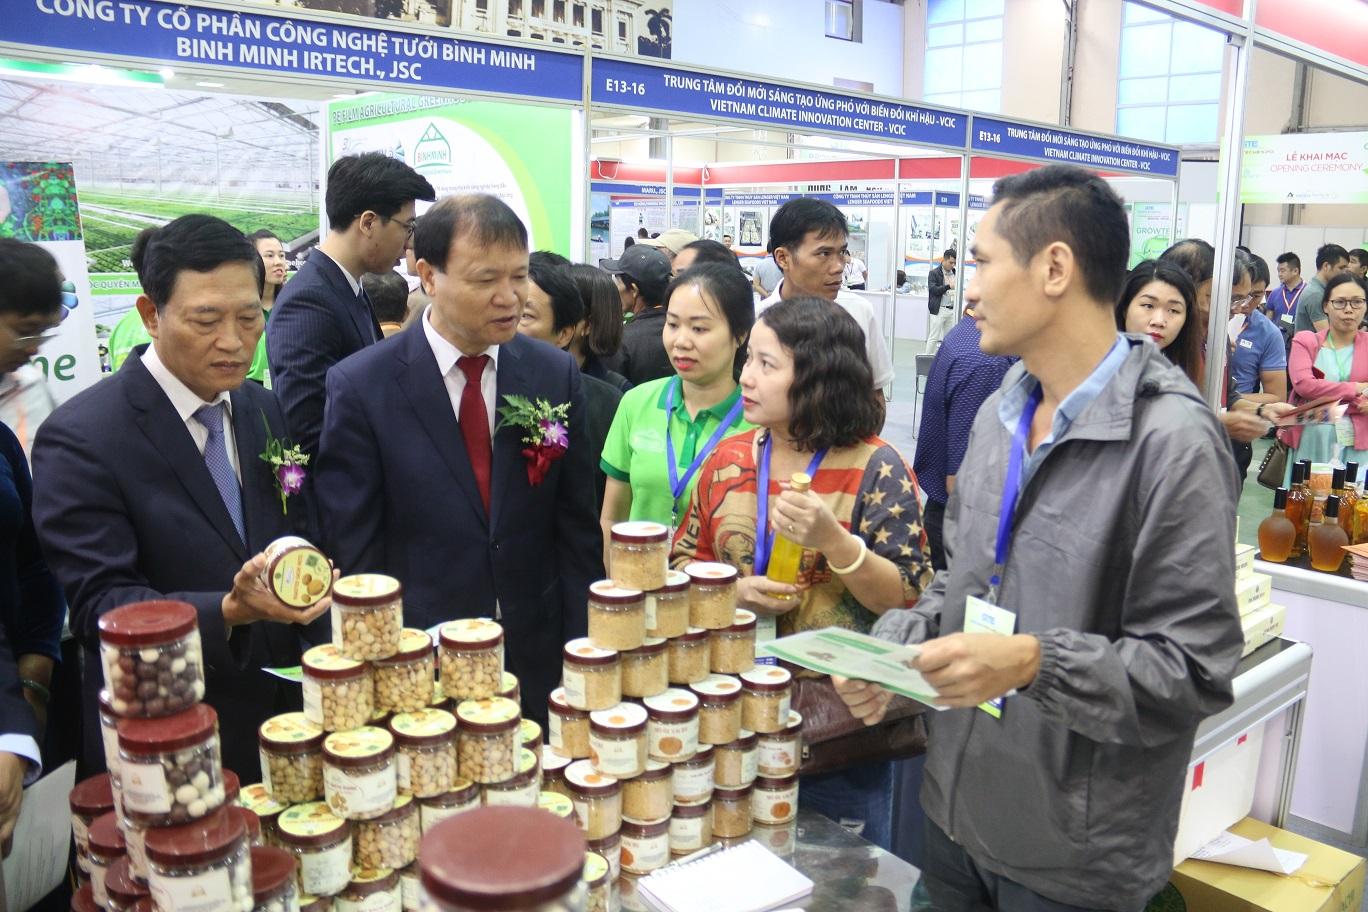 Vietnam Growtech 2019 Sàn giao dịch chuyên nghiệp ngành nông lâm ngư nghiệp